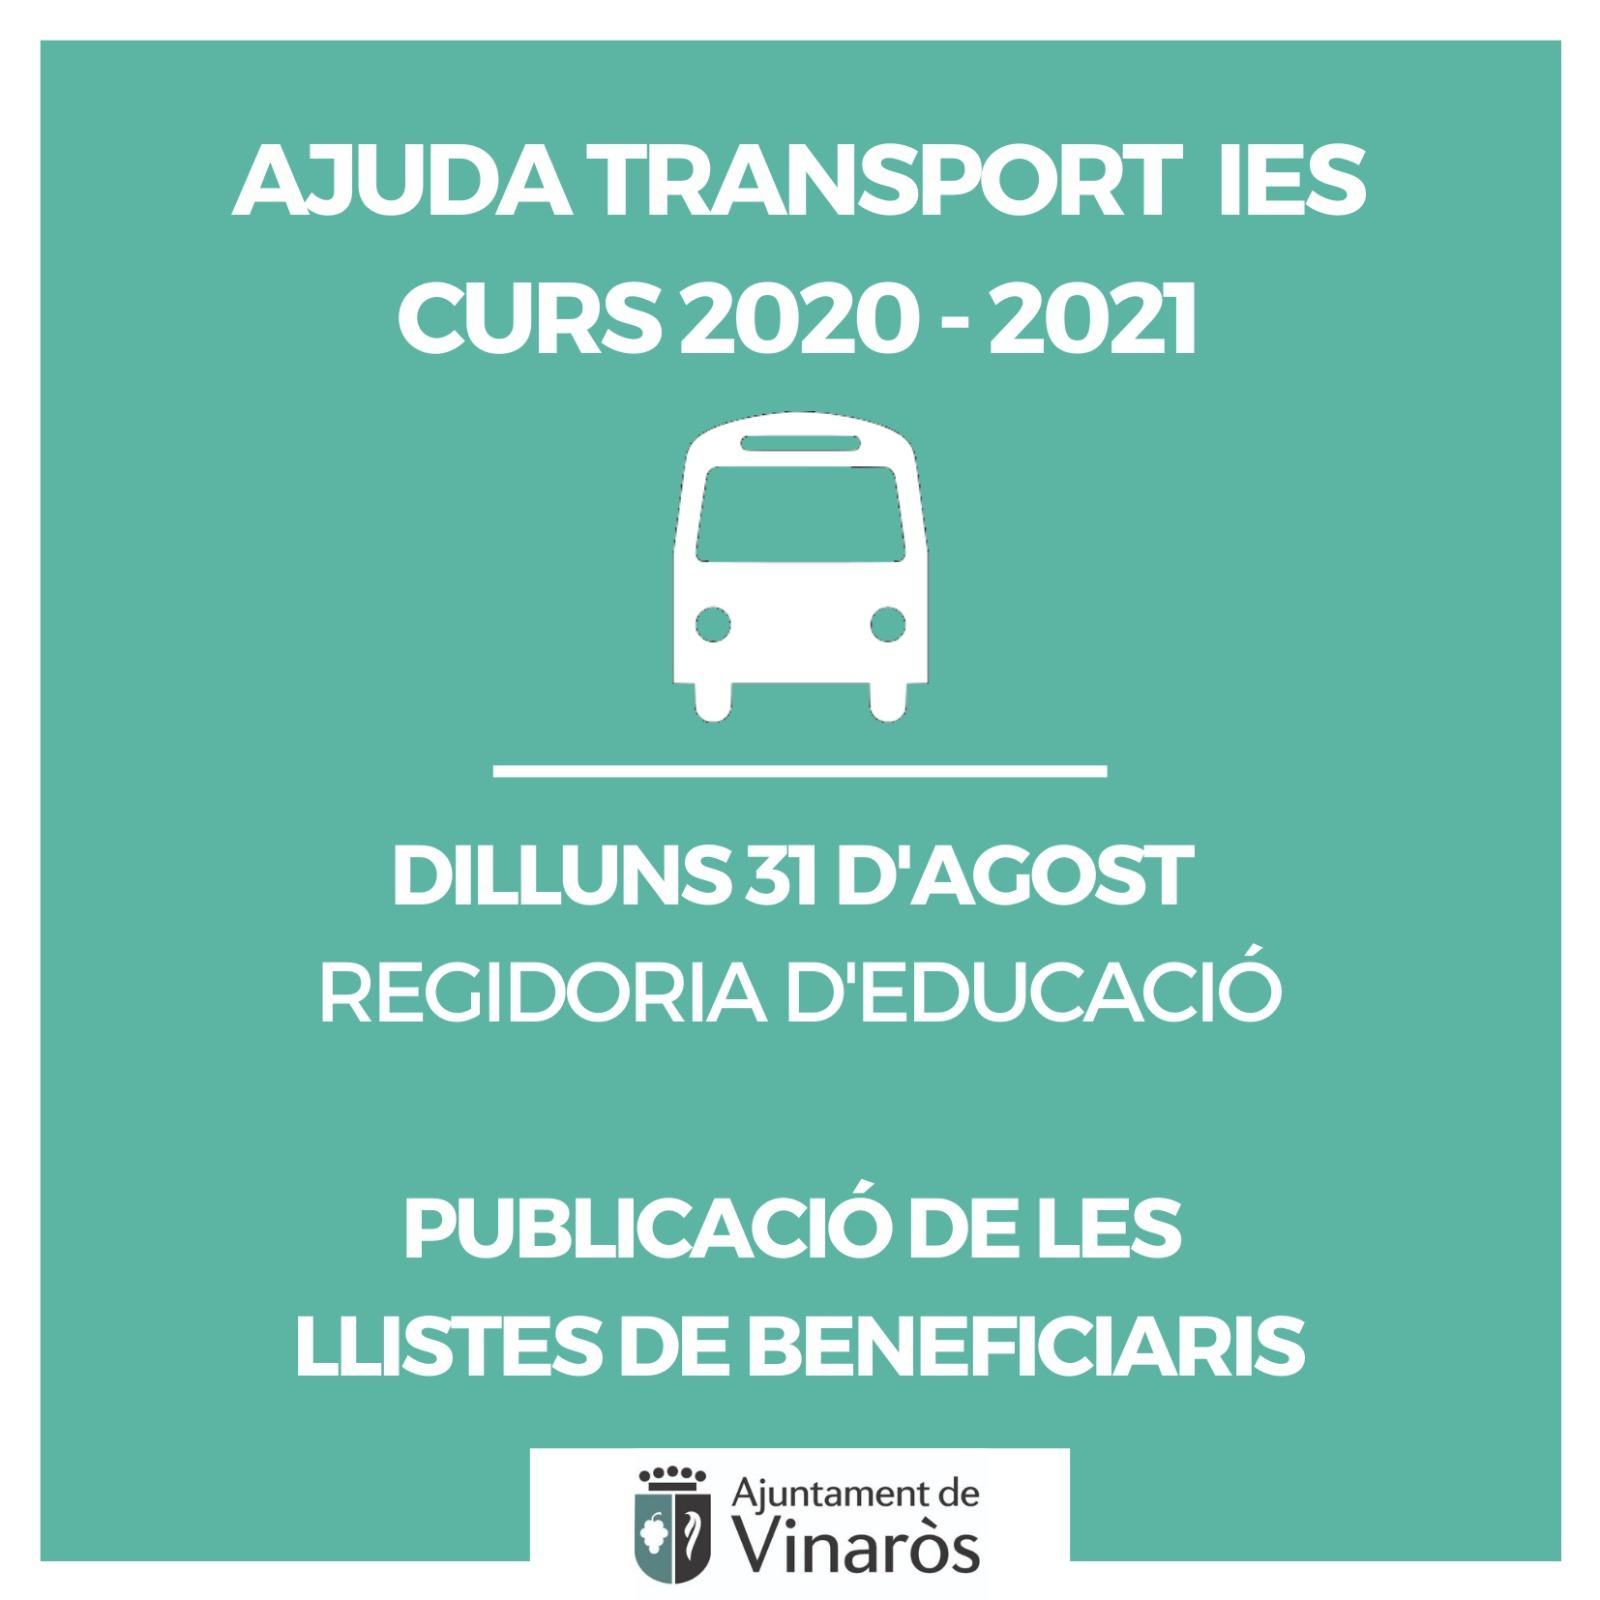 Ajuda Transport IES, curs 2020-2021